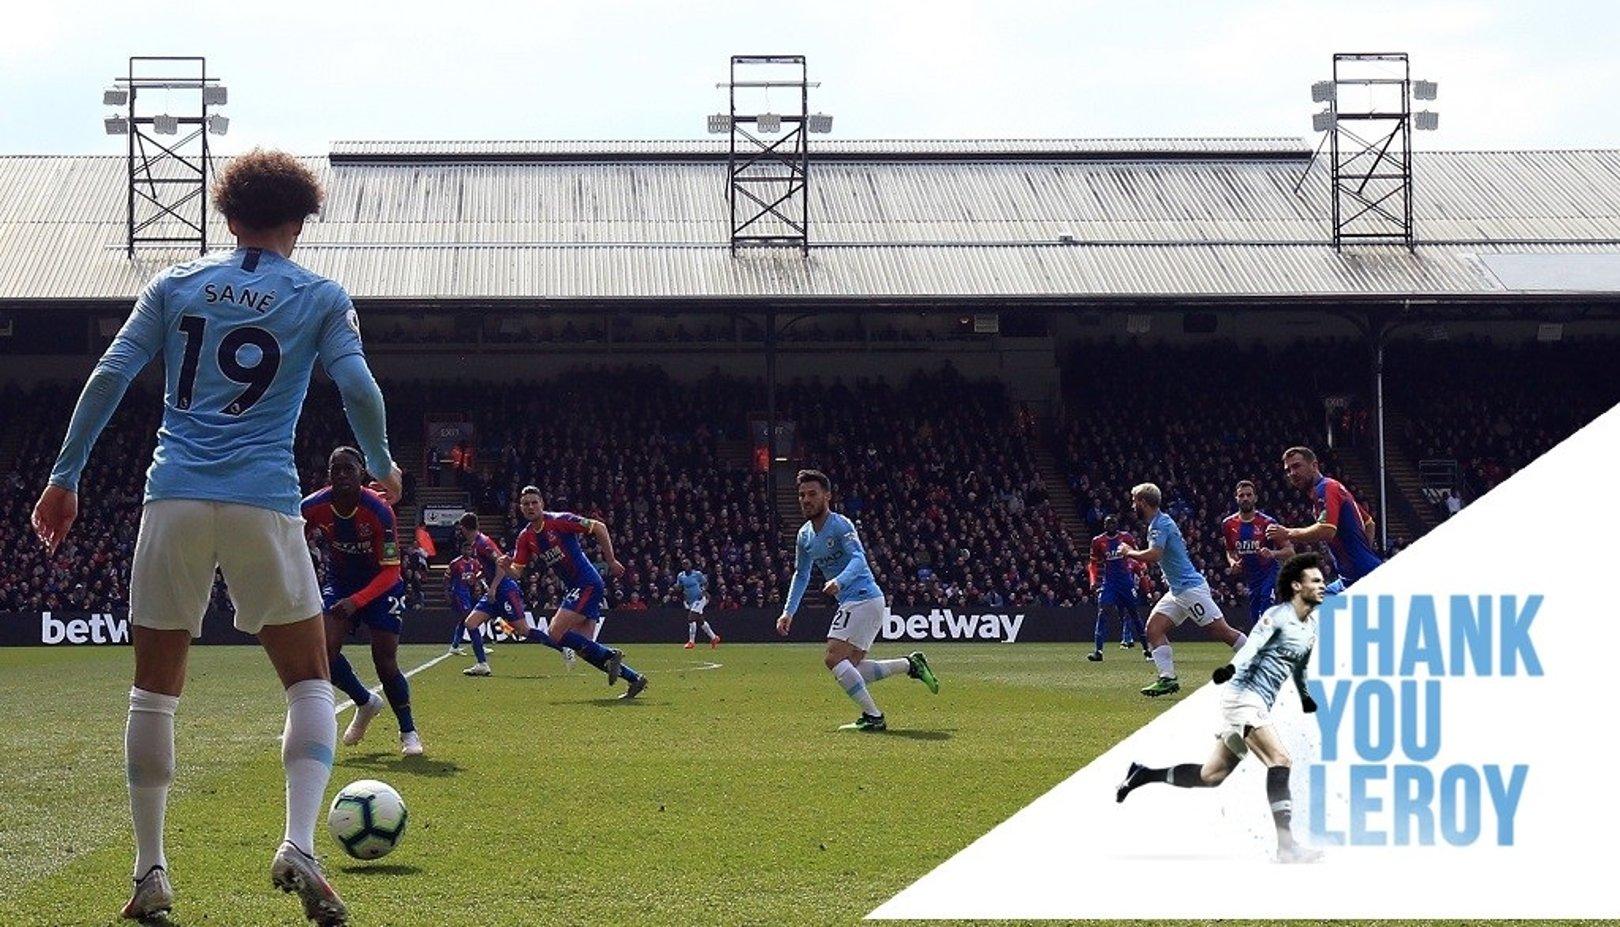 Leroy Sane: City career in numbers